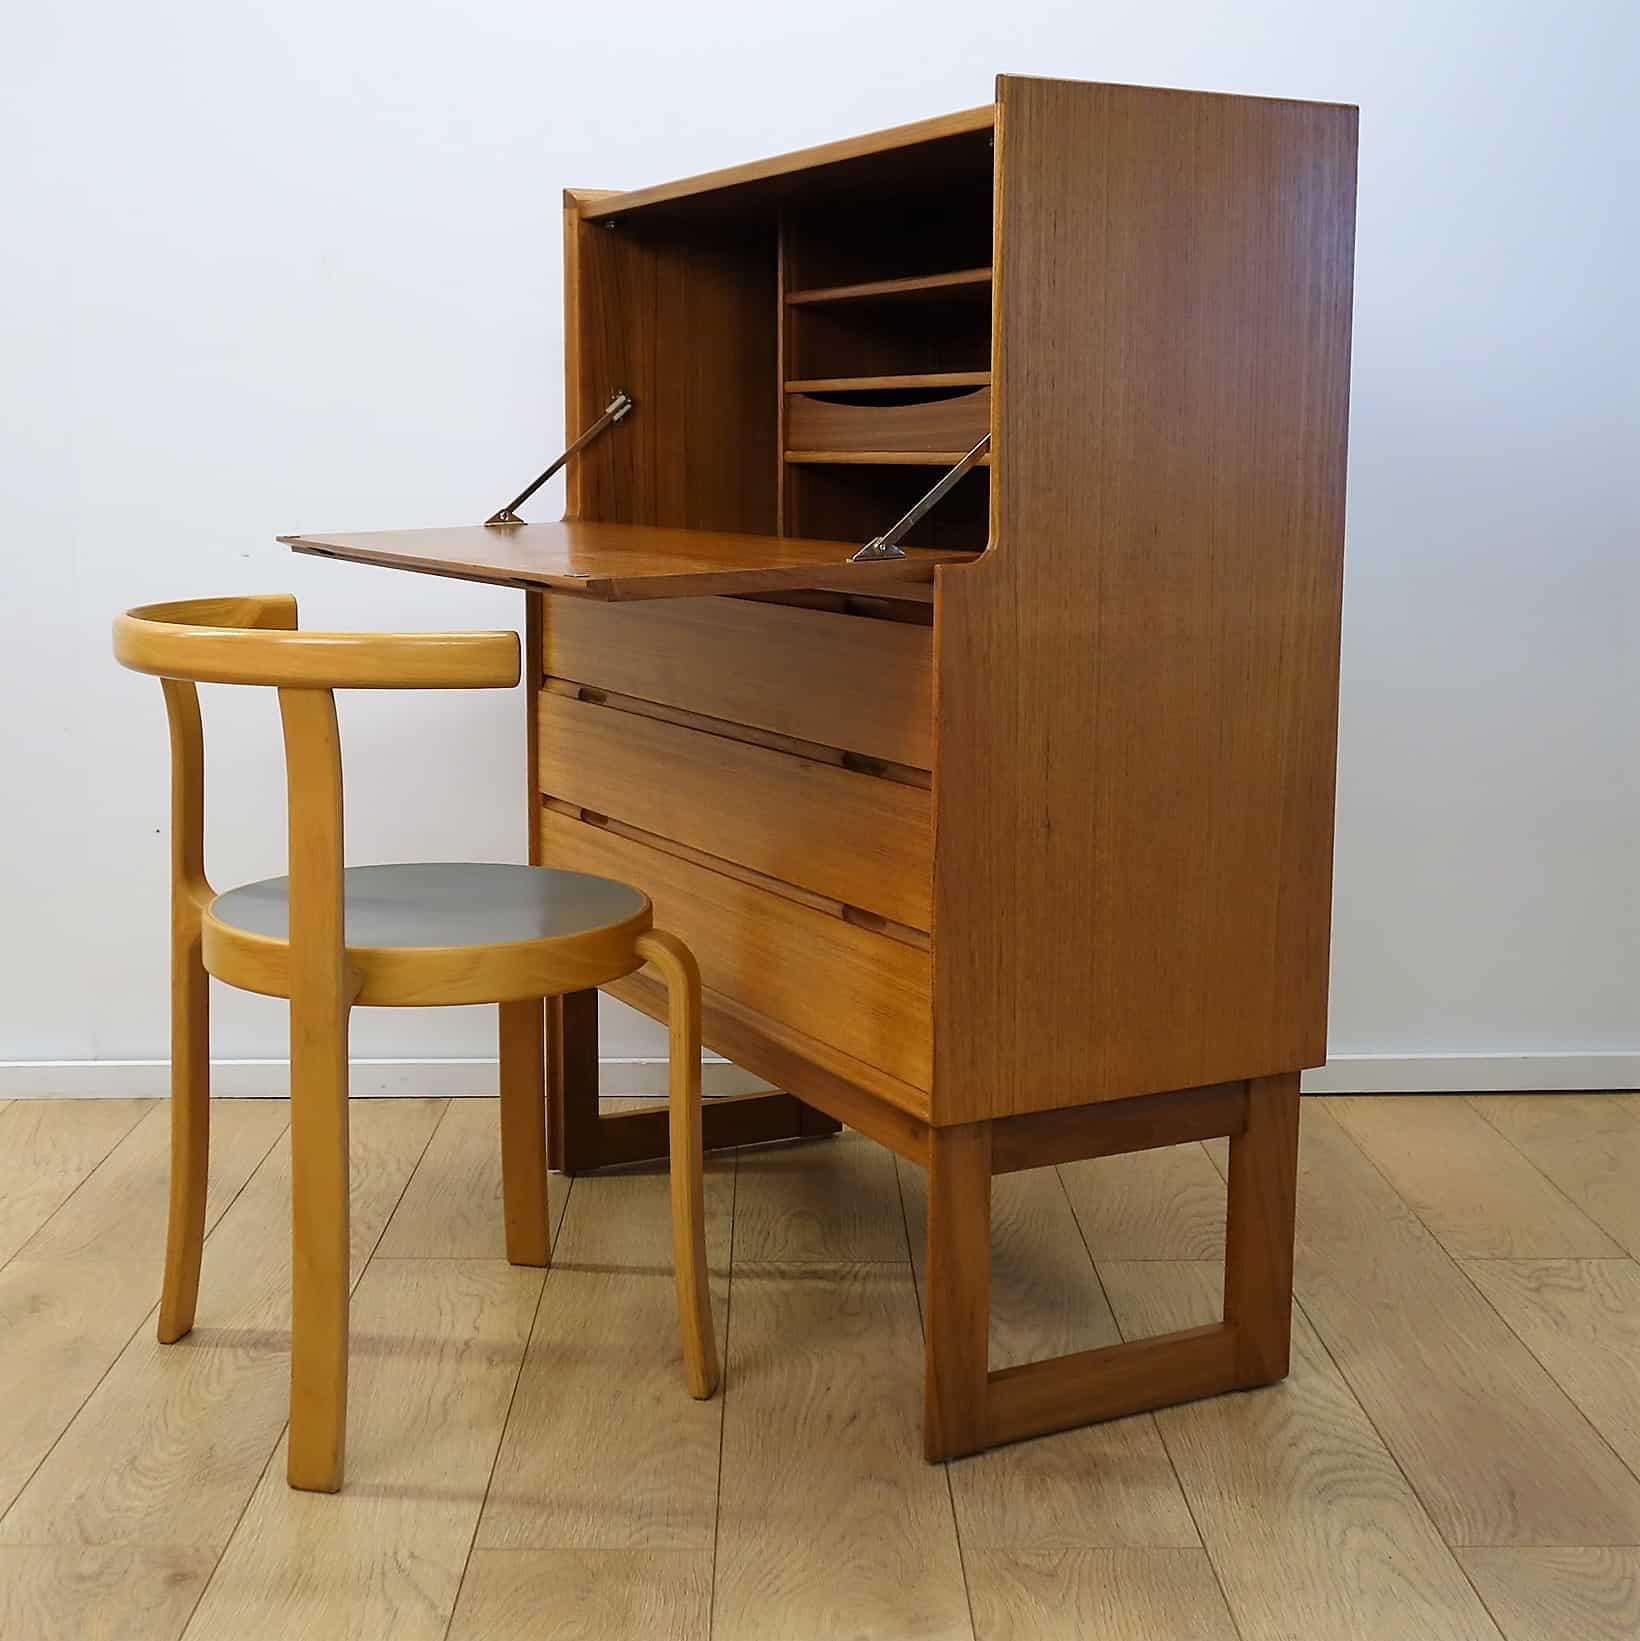 60s teak desk bureau by Turnidge london